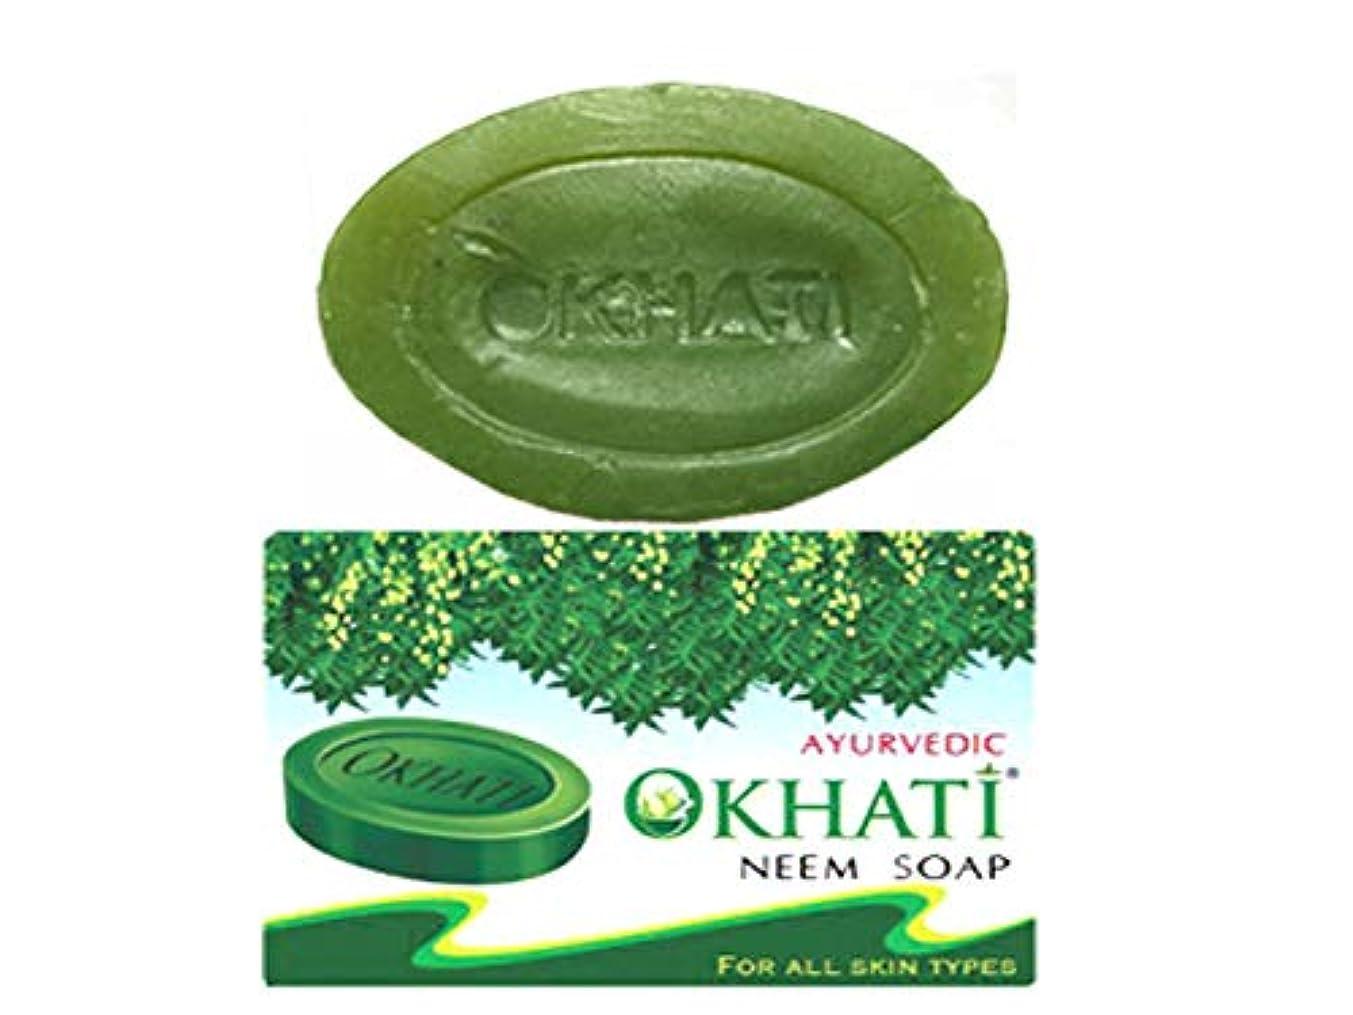 むちゃくちゃこれまで雪オカティ ニーム ソープ 75g AYURVEDEC OKHATI NEEM SOAP/NEPAL HIMALAYA SOAP ヒマラヤ石鹸